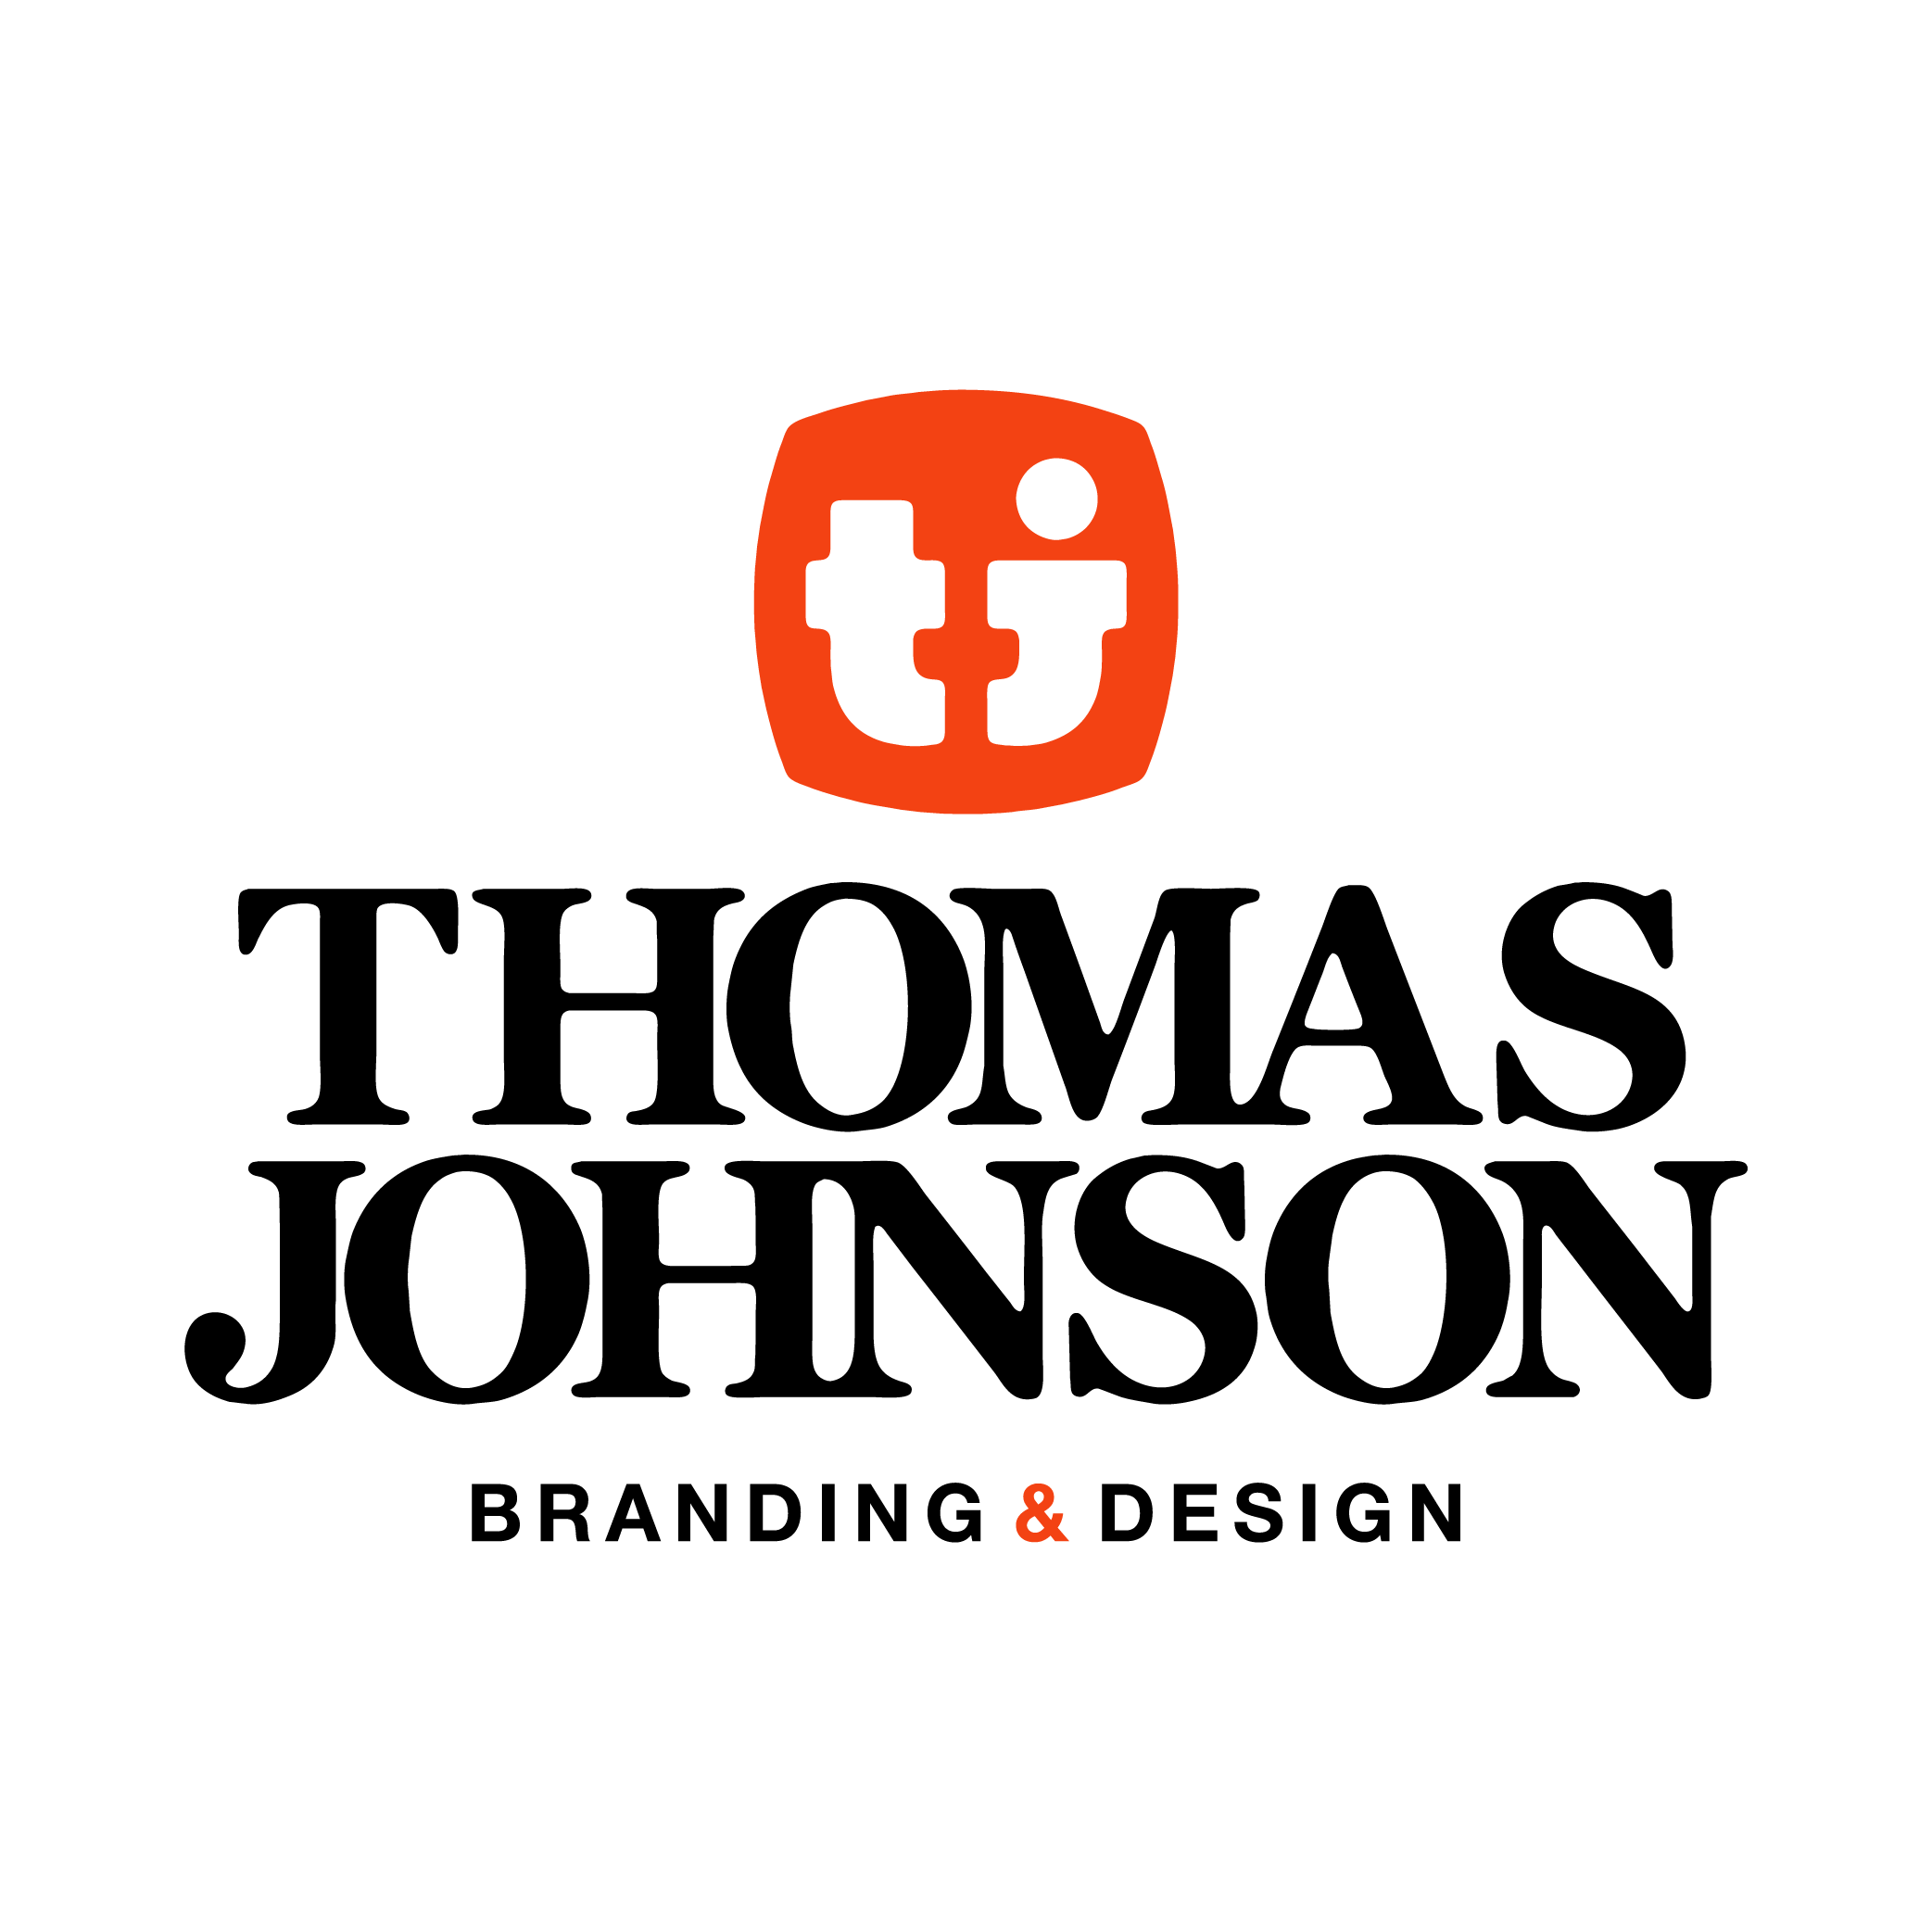 Thomas Johnson